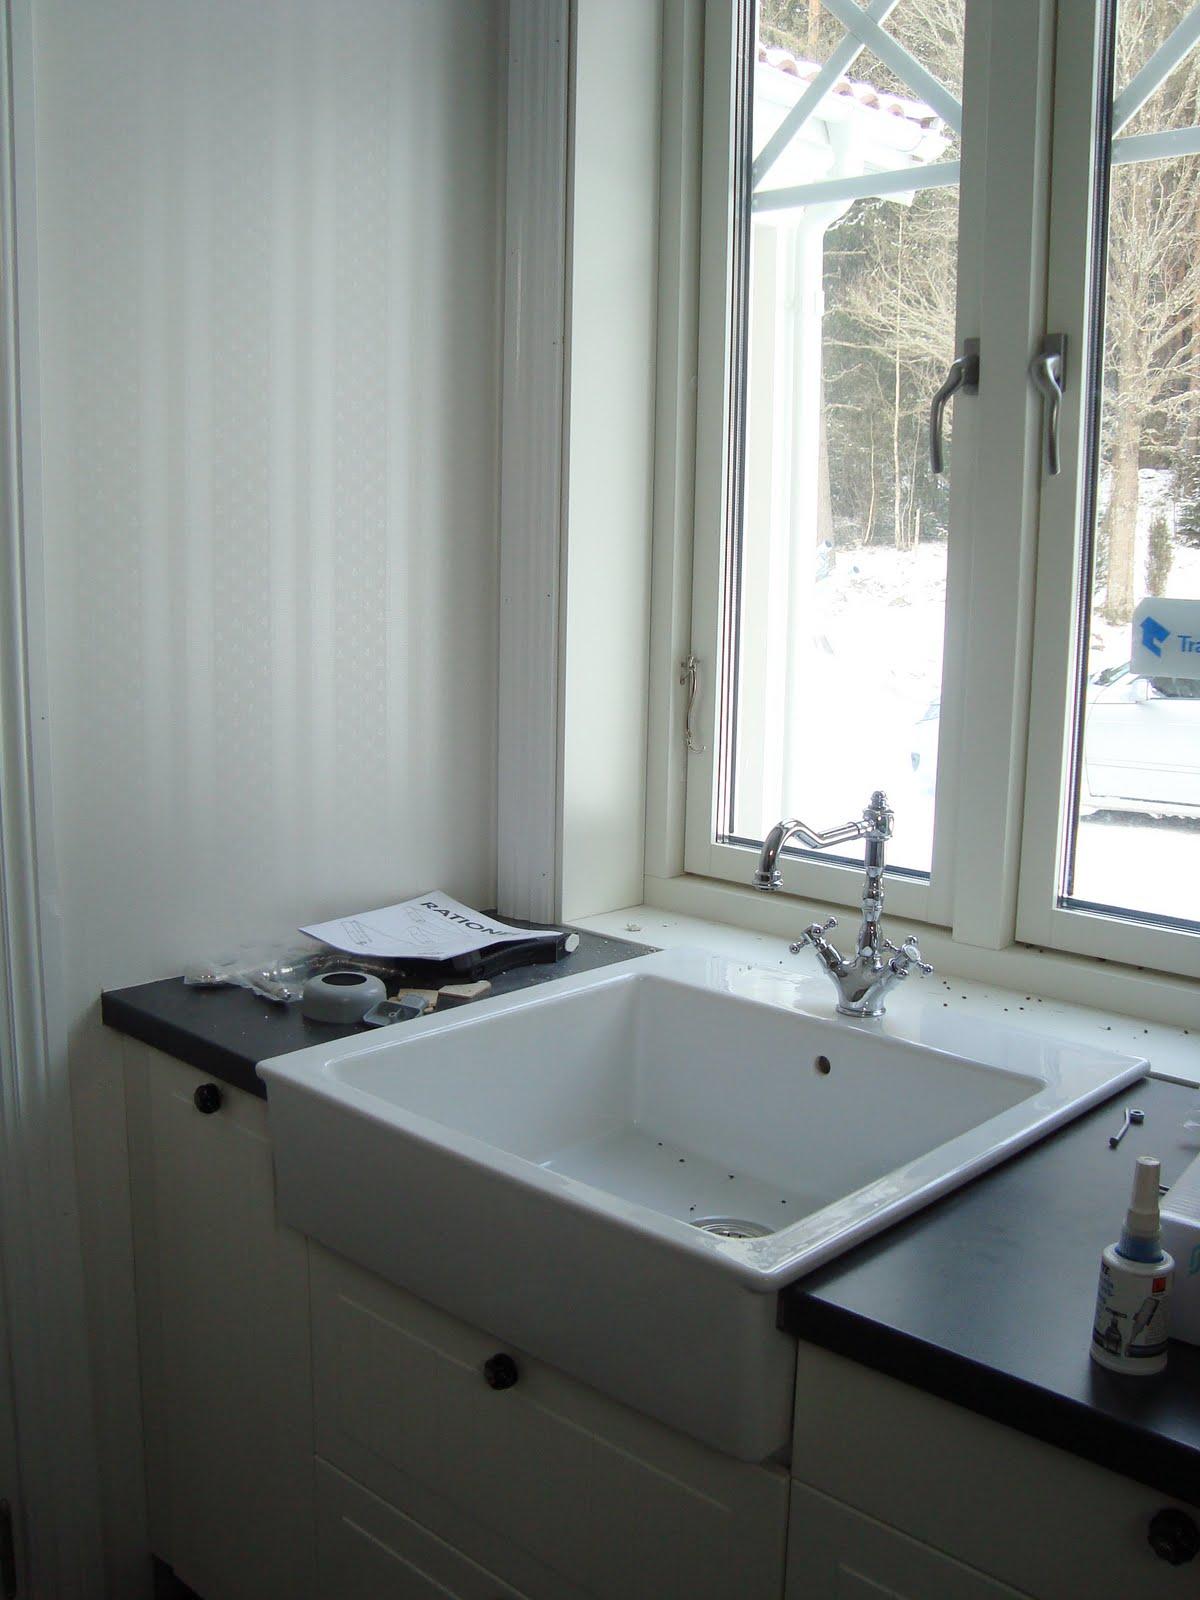 Claras hem pÅ byvÄgen : februari 2011